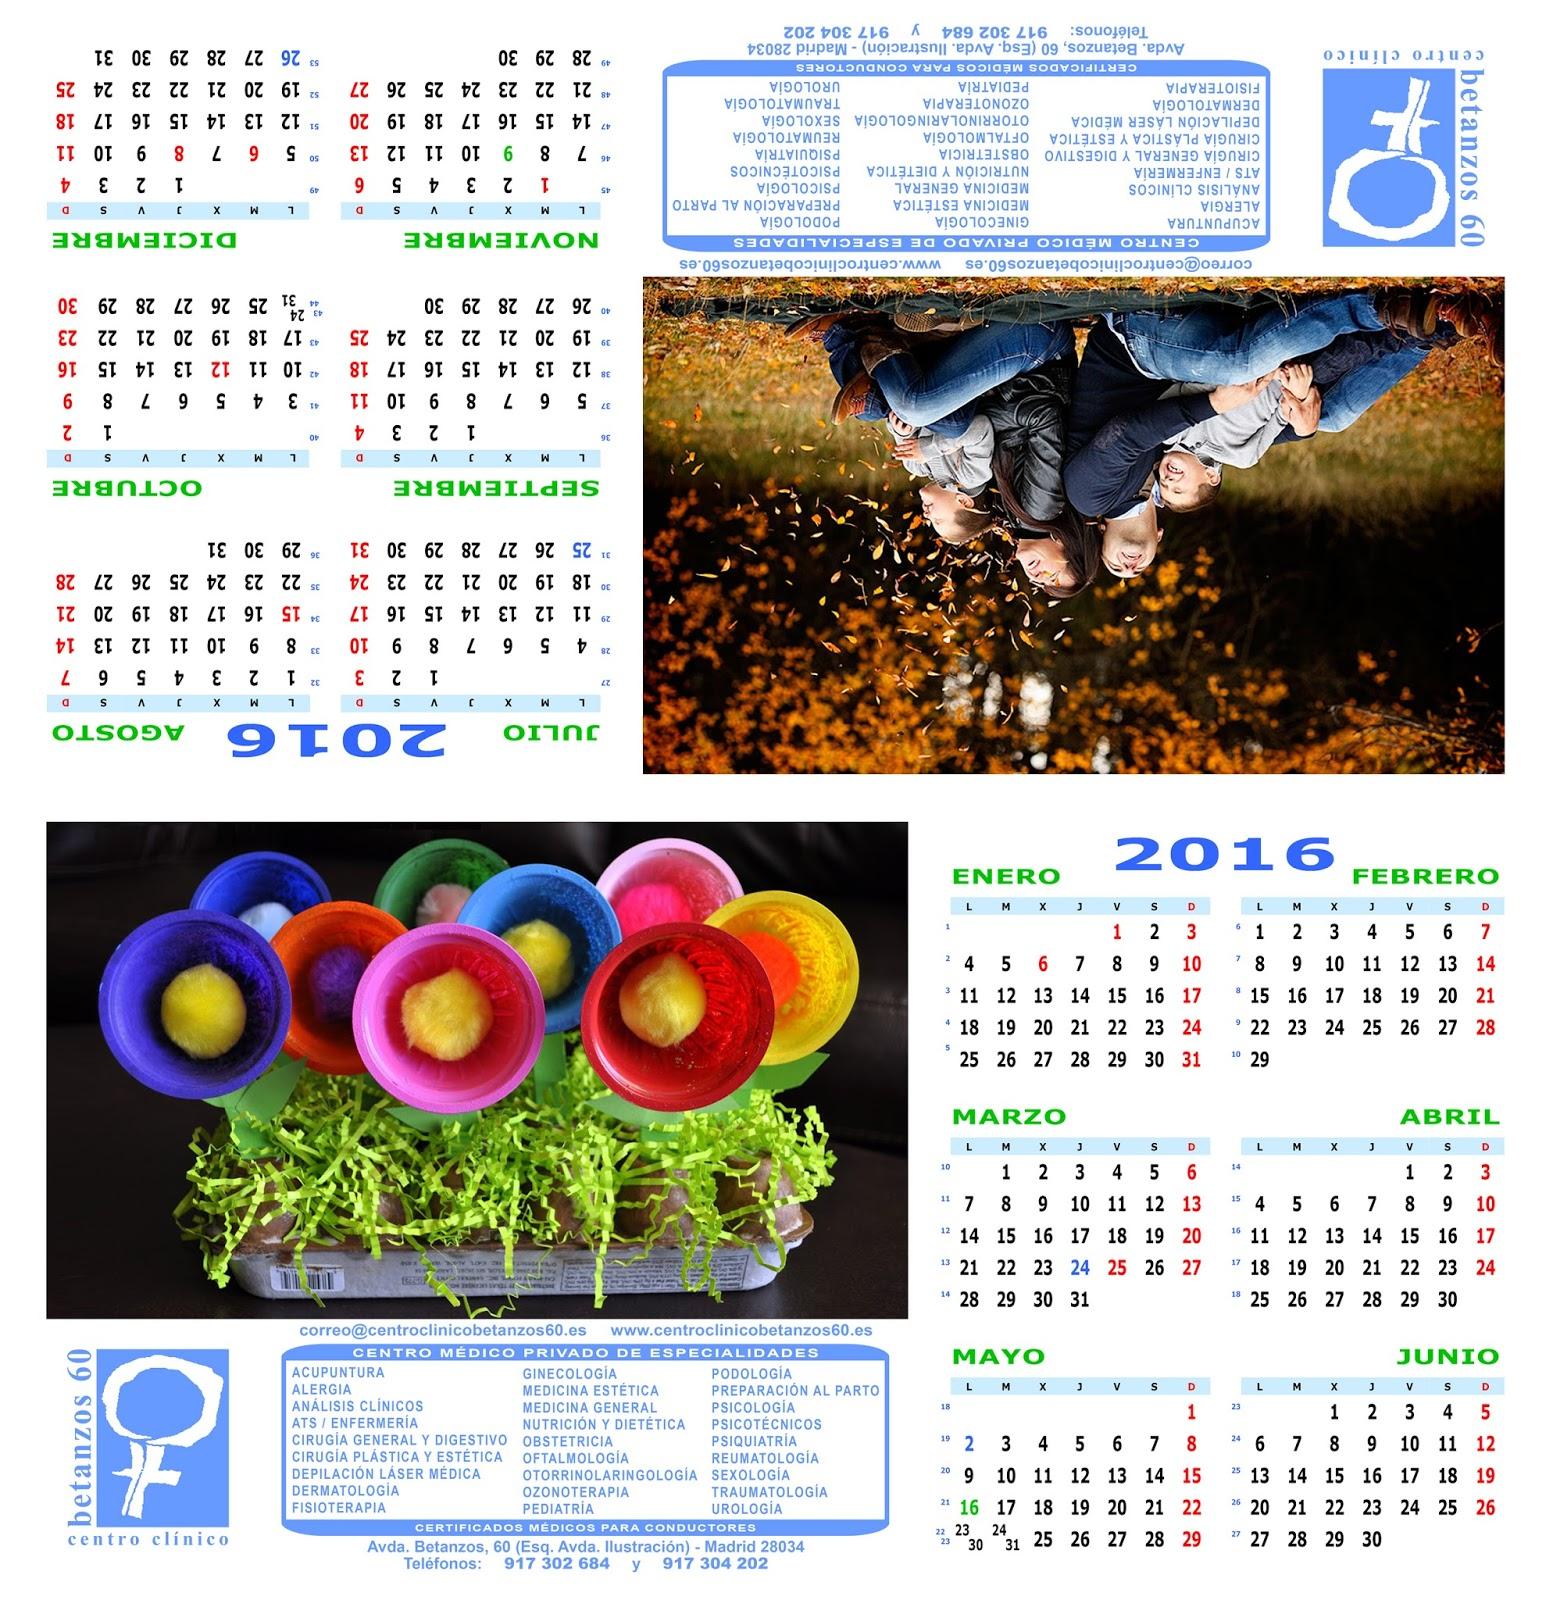 Diseño del calendario especial de 2016 de sobremesa